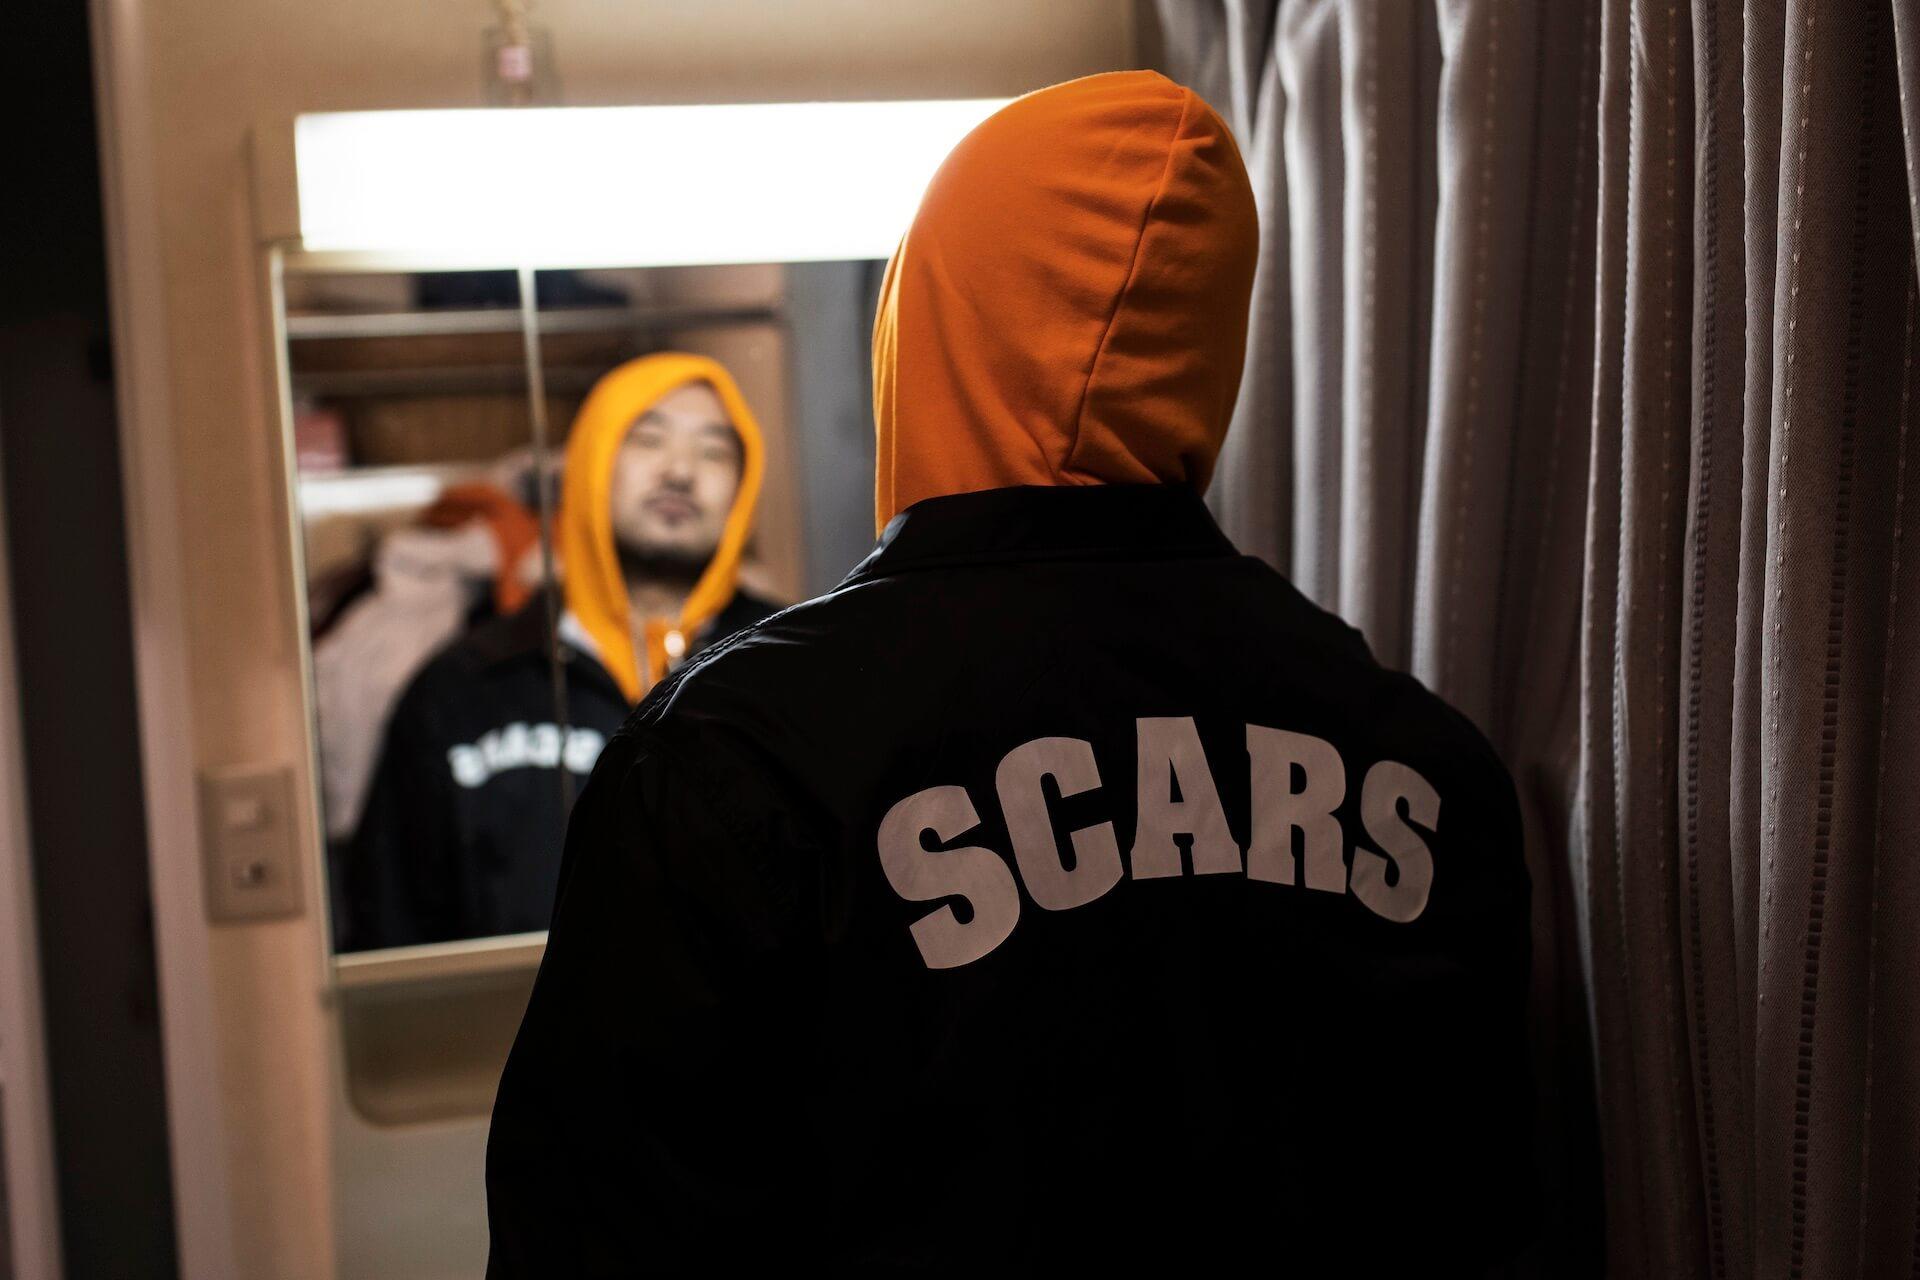 A-THUGの客演集『PULL UP』がリリース|今週末開催のイベントにて先行発売、SCARSライブも music201218_scars-02